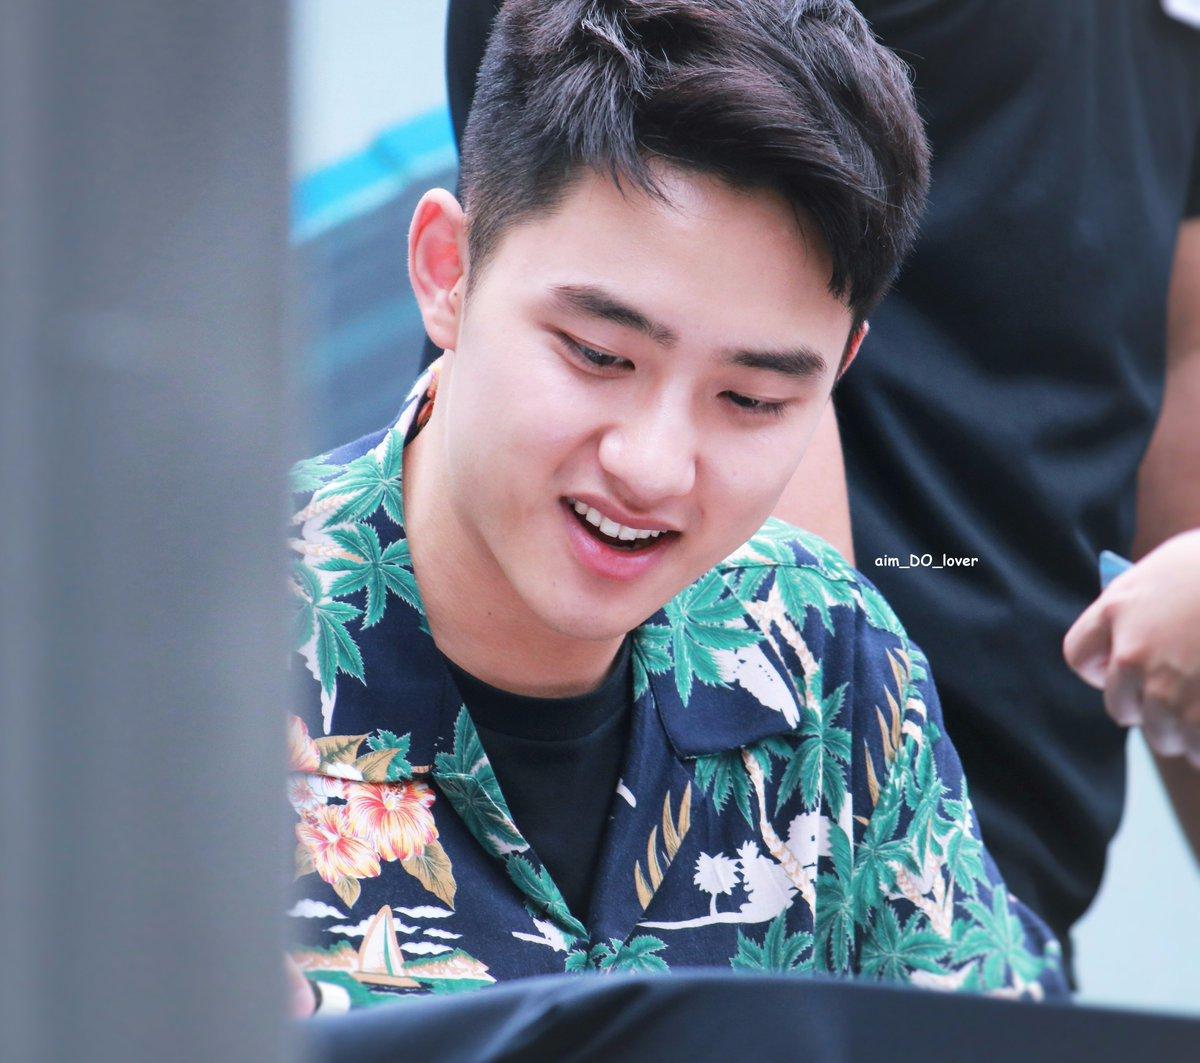 170813 [HQ] D.O. EXO public fan signs  Heart shape lips 💋💓  #EXO #KOKOBOP #KYUNGSOO #ดีโอ #คยองซู #경수 #디오 #신촌펜싸